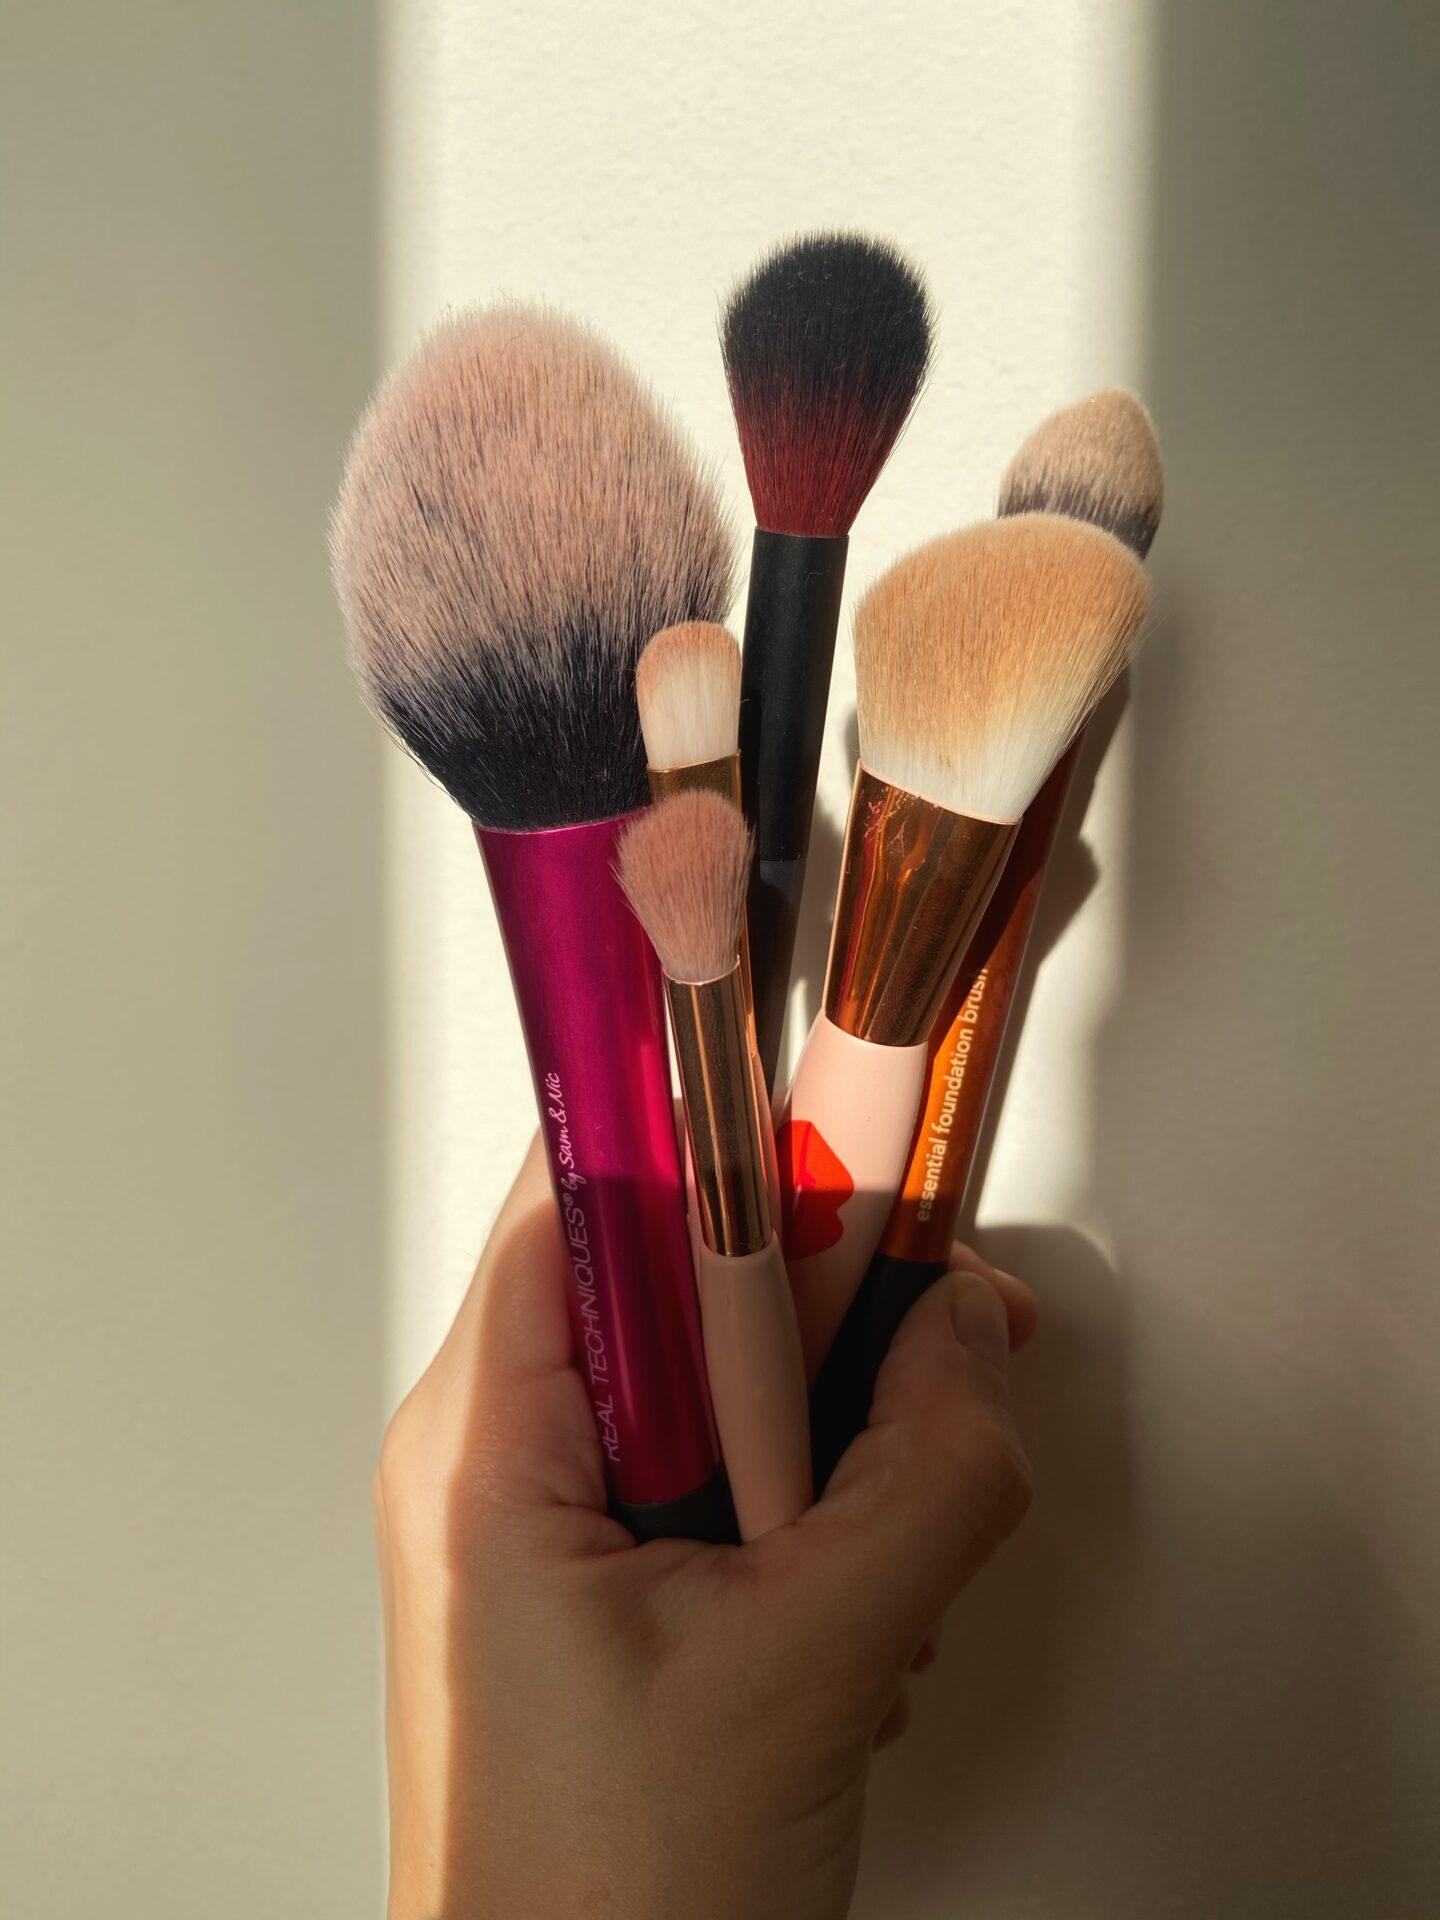 Para qué sirve cada brocha de maquillaje?